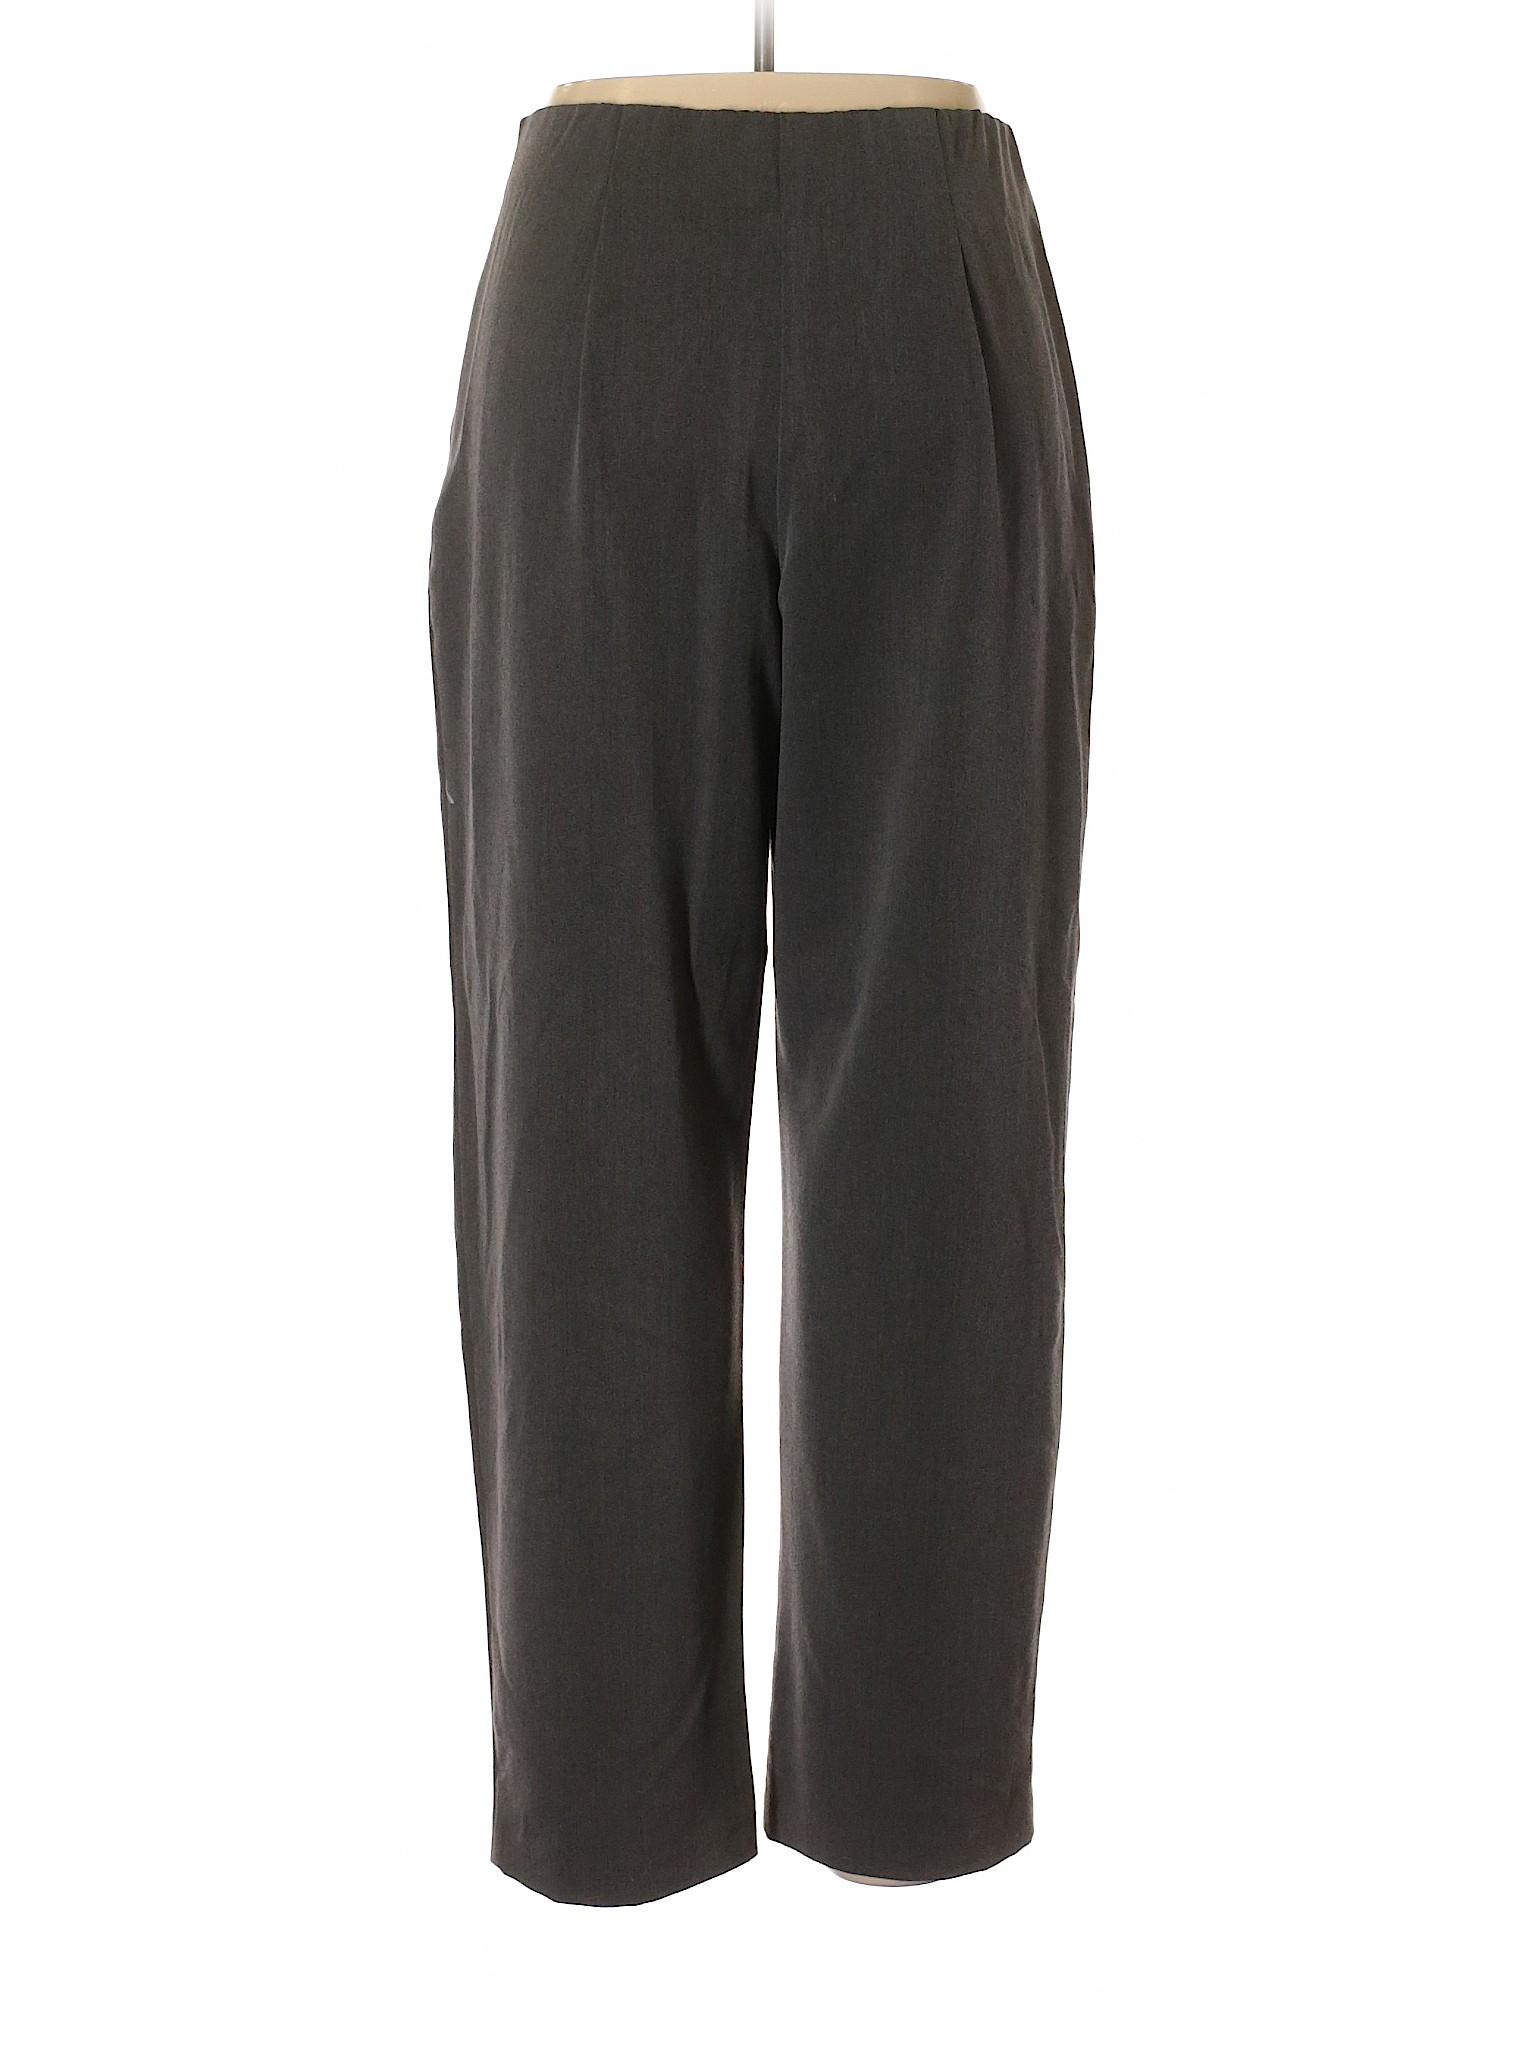 Collection leisure Dress Pants JM Boutique qTFxgT